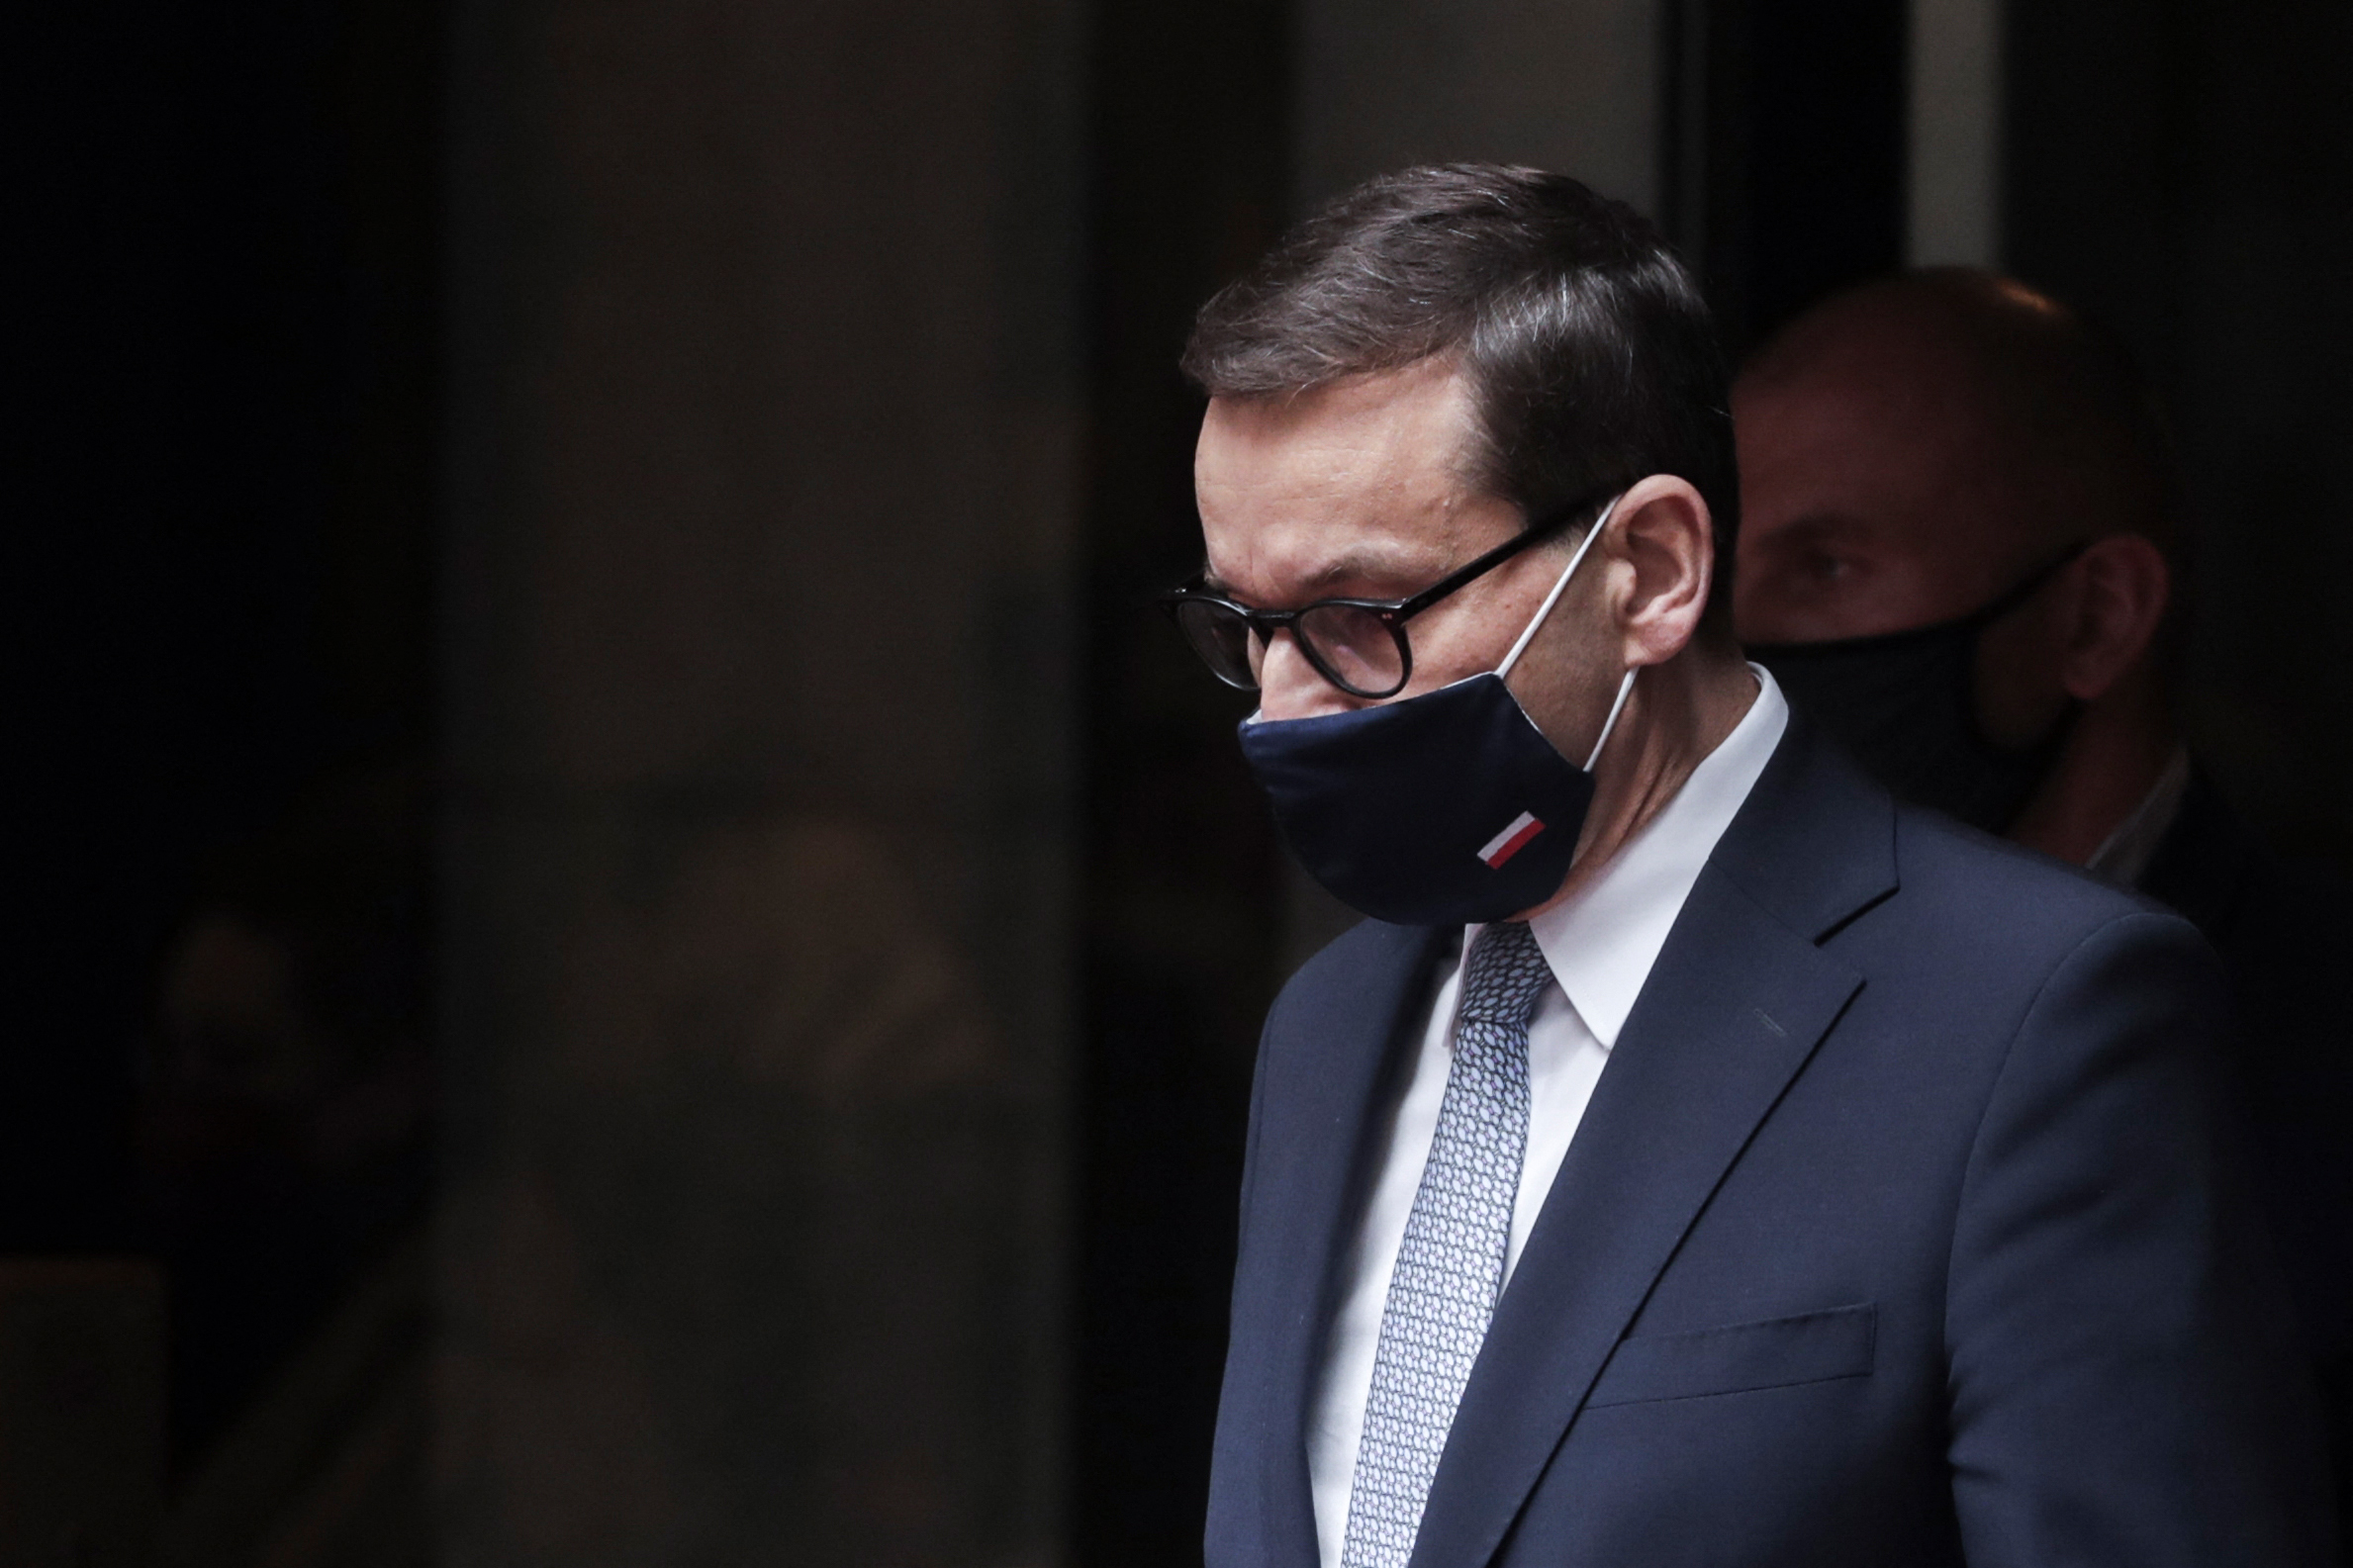 Orosz területről érkező kibertámadás ért vezető lengyel politikusokat